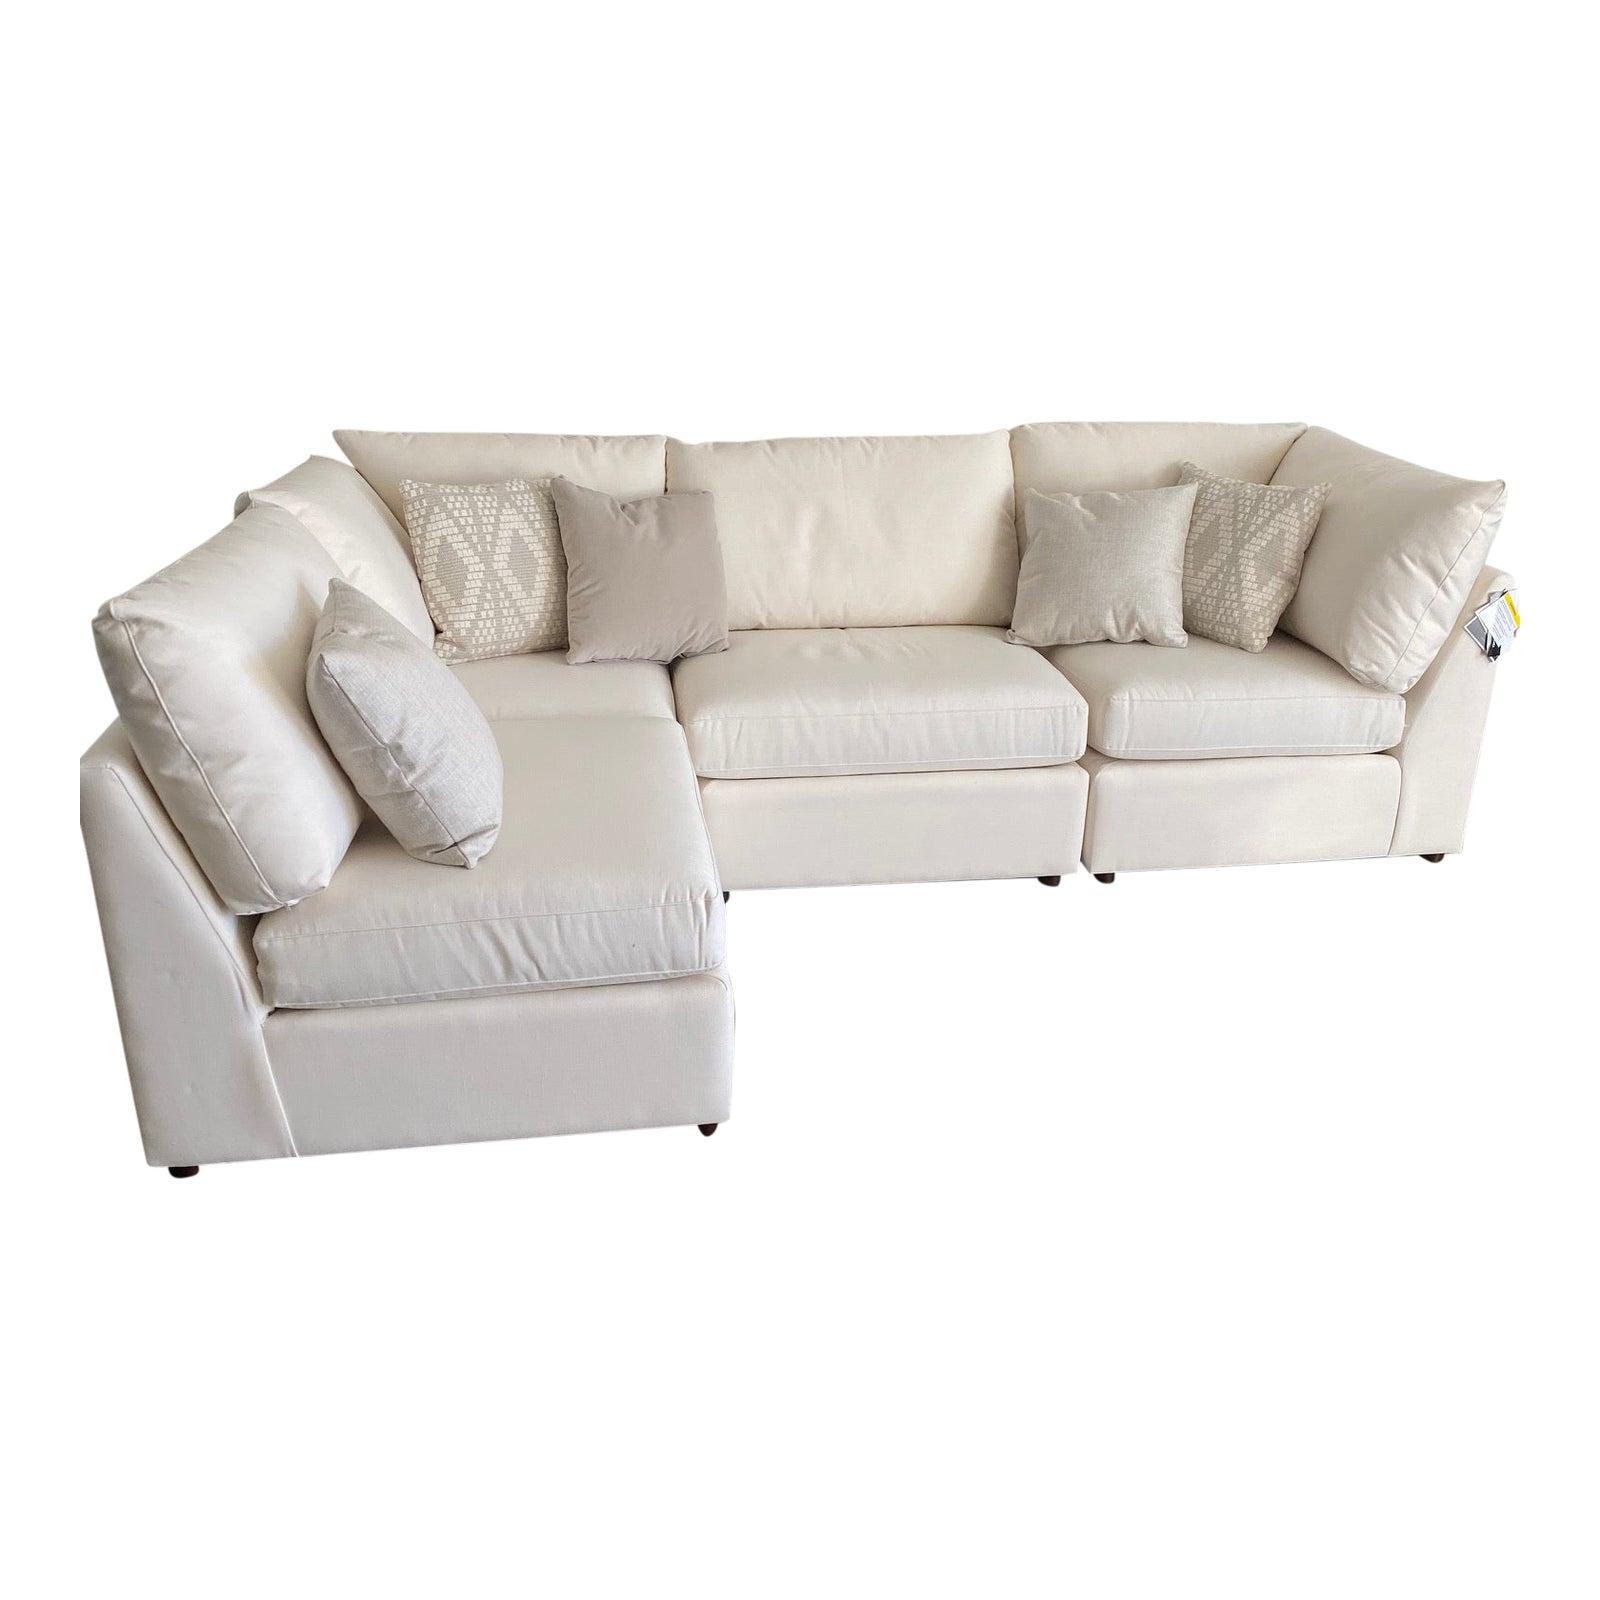 Bassett Furniture, Beckham Sectional Sofa